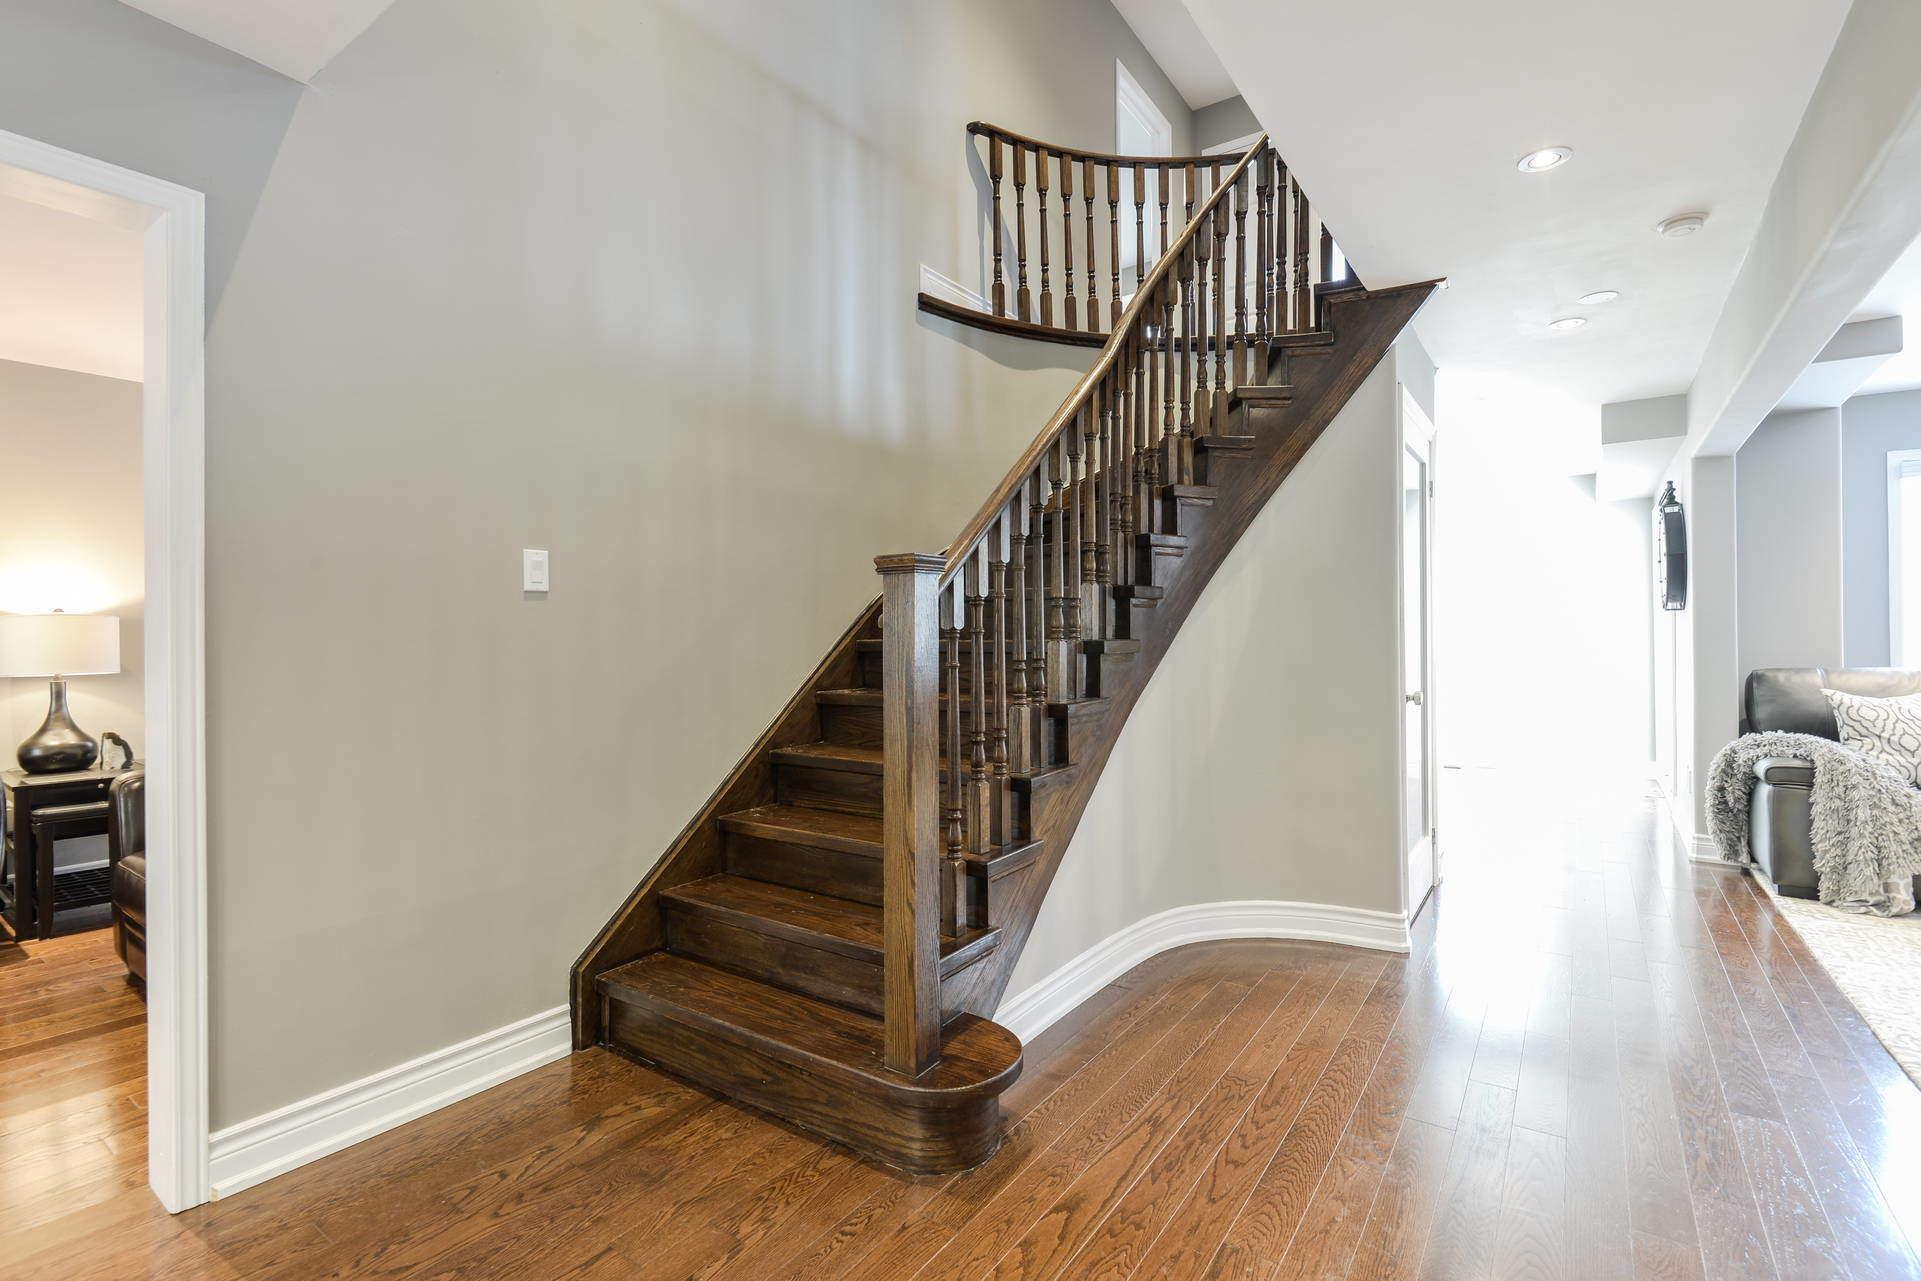 014-Stairs bottom